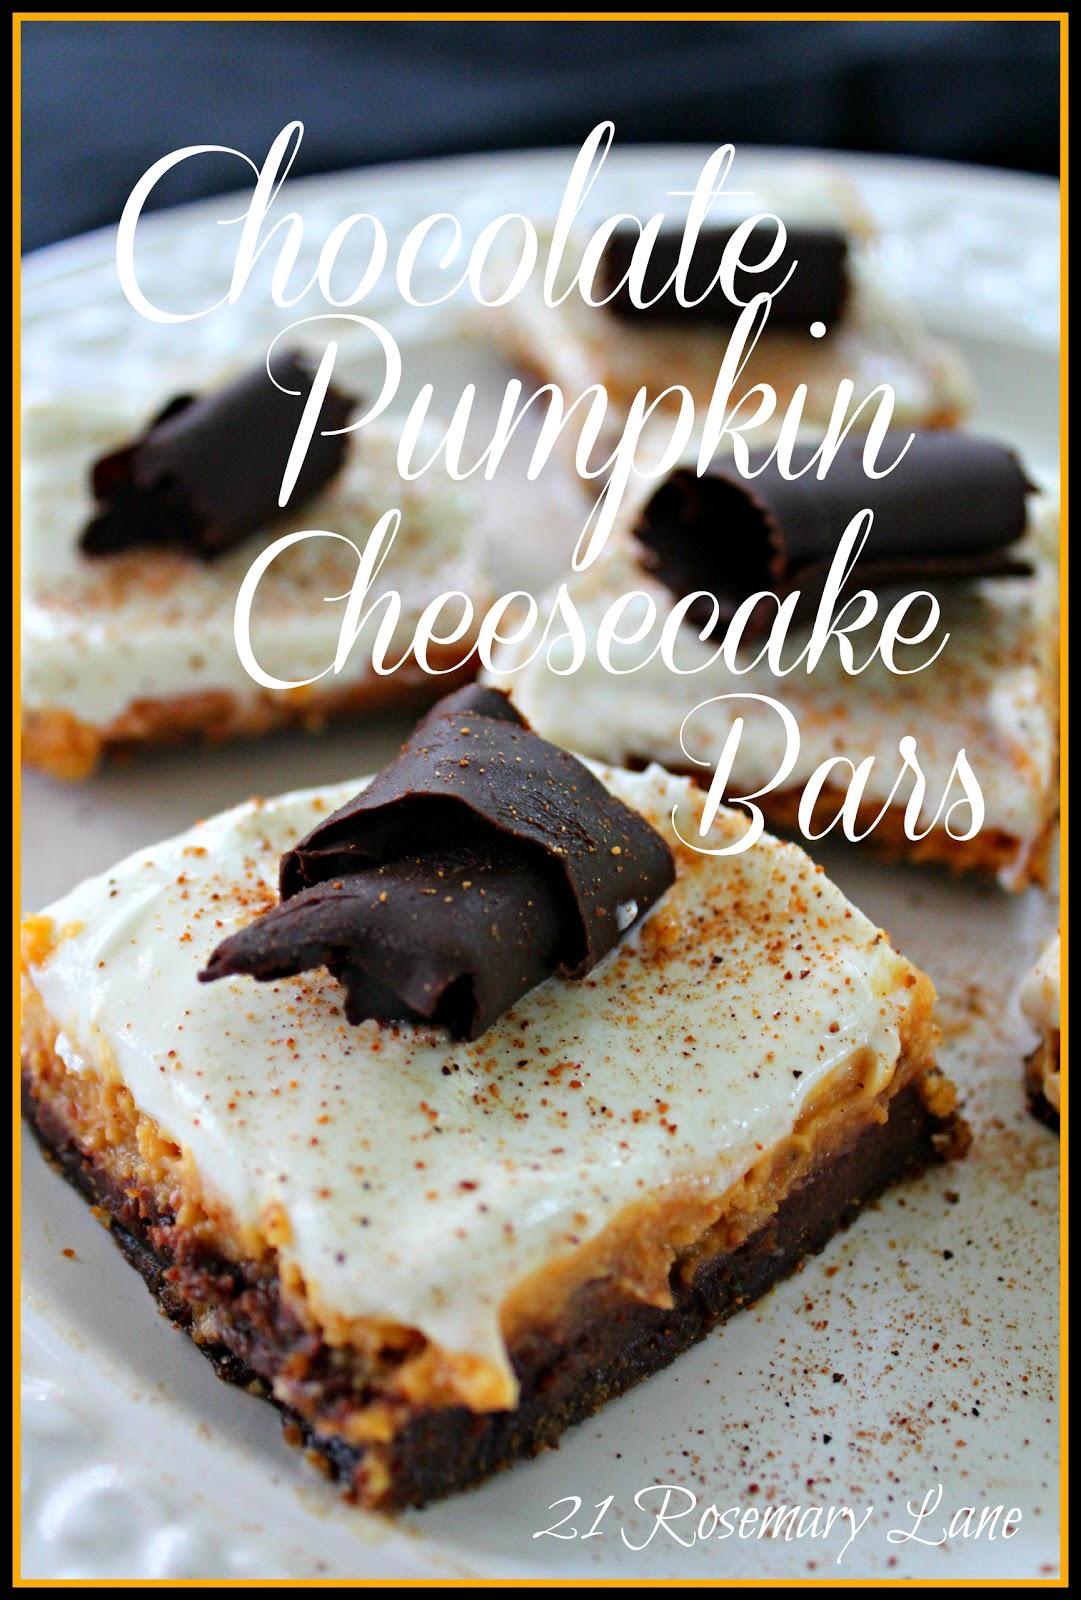 21 Rosemary Lane: Chocolate Pumpkin Cheesecake Bars